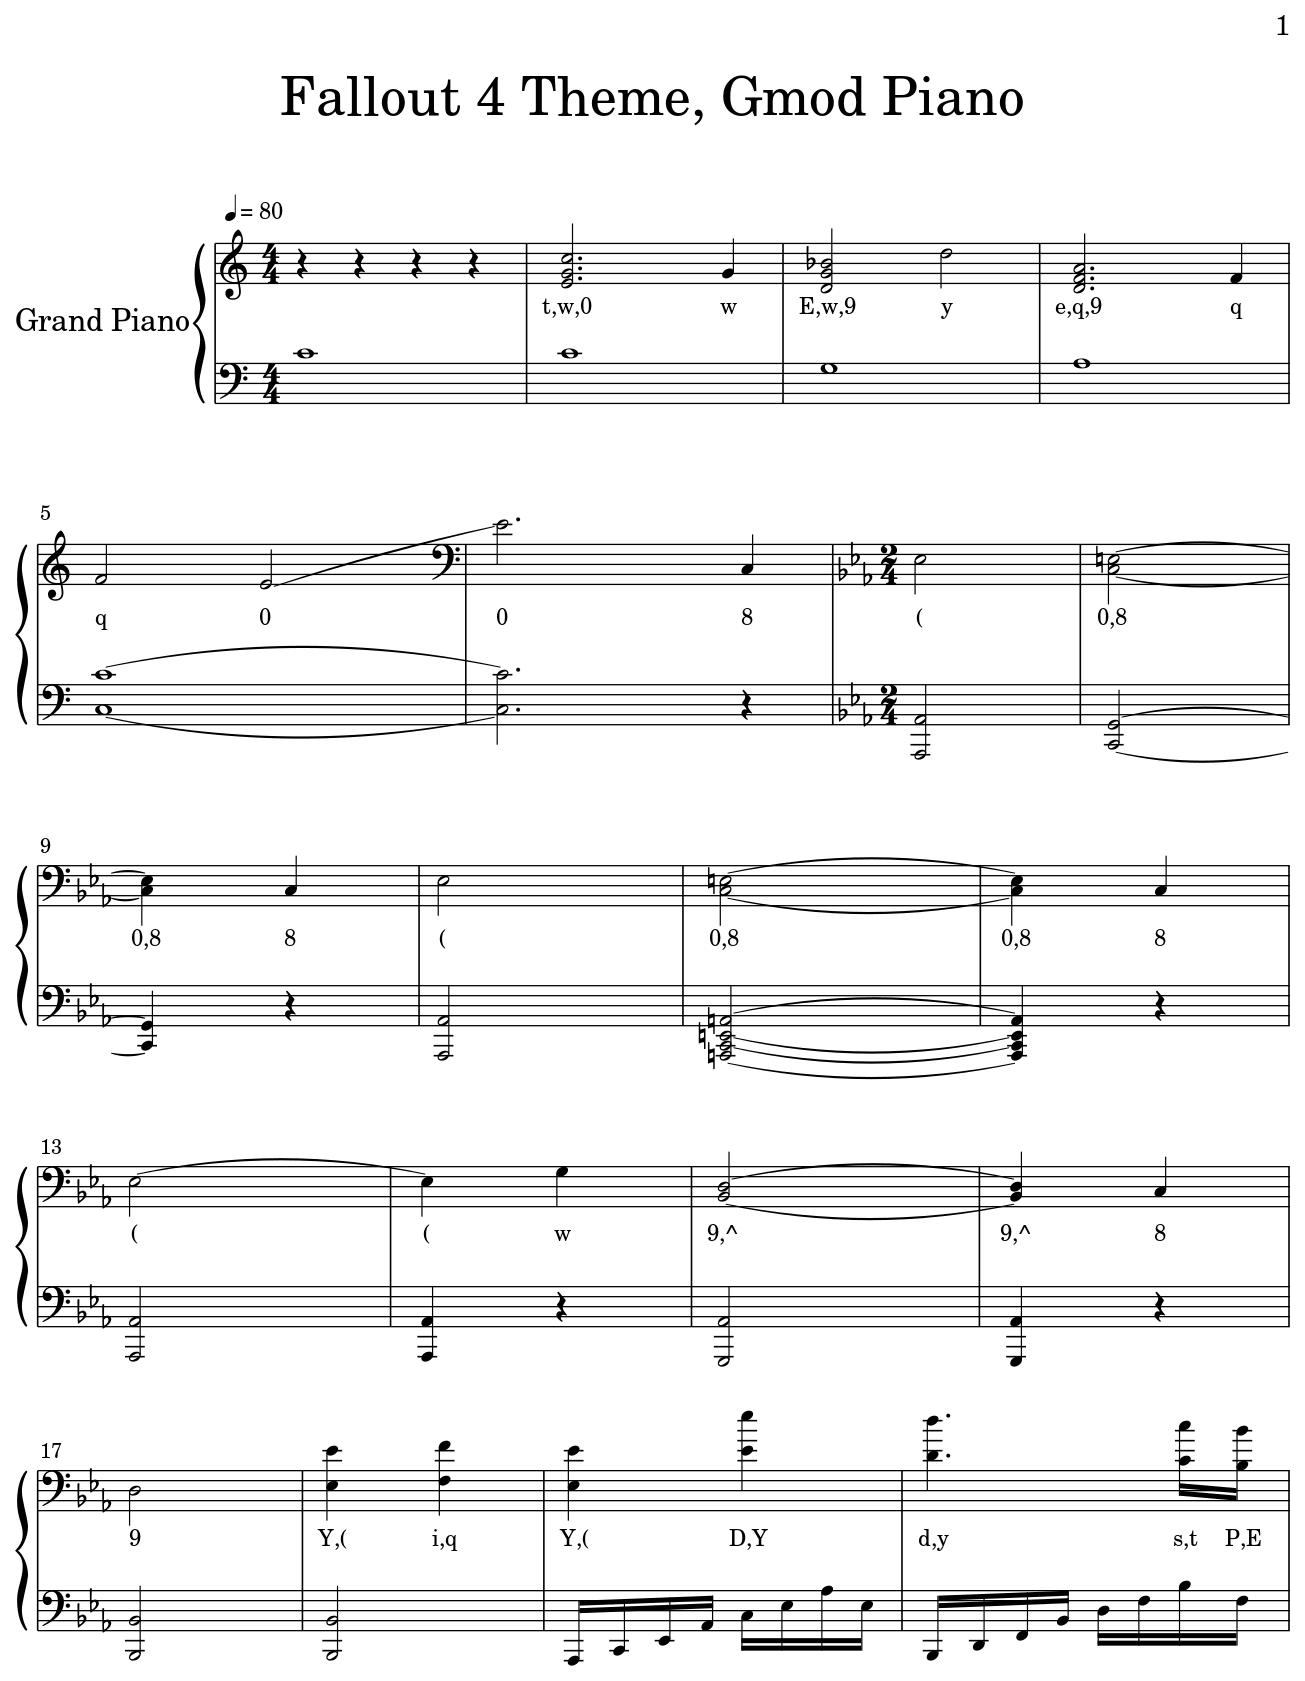 Fallout 4 Theme, Gmod Piano - Flat